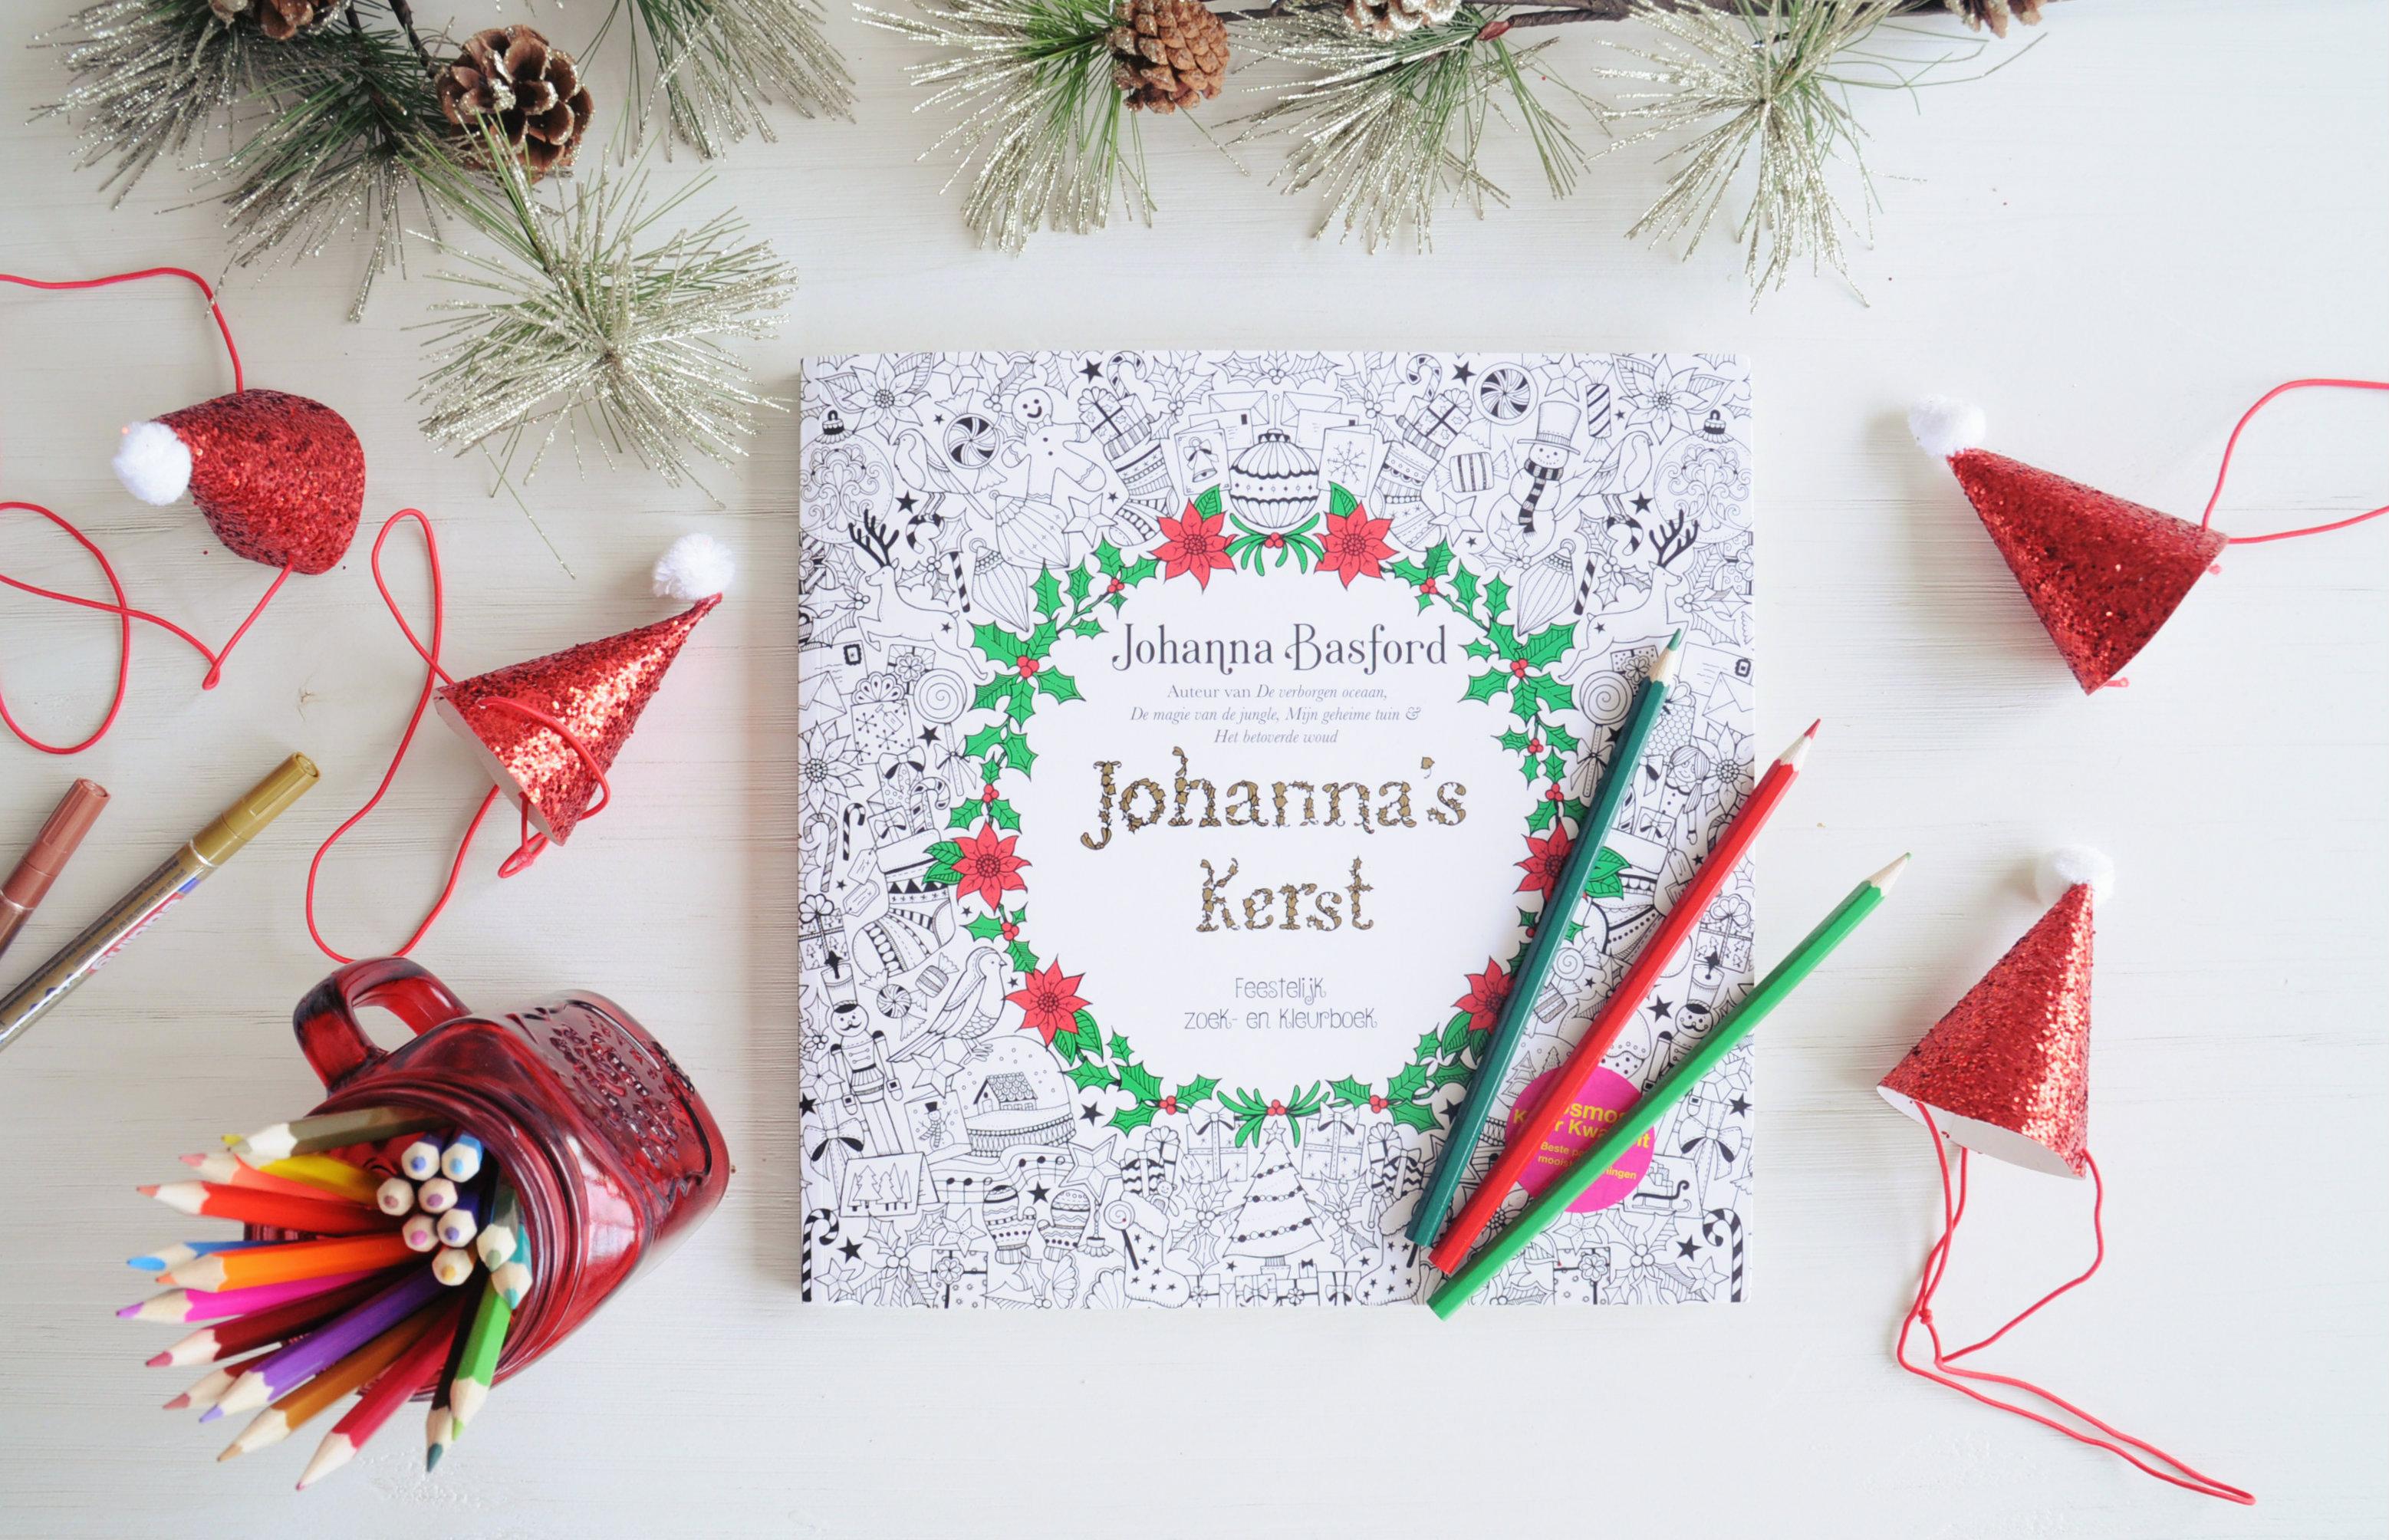 Kleurplaten Voor Volwassenen Kerstmis.Gratis Kerstkleurplaten Voor Volwassenen En Kinderen Christmaholic Nl